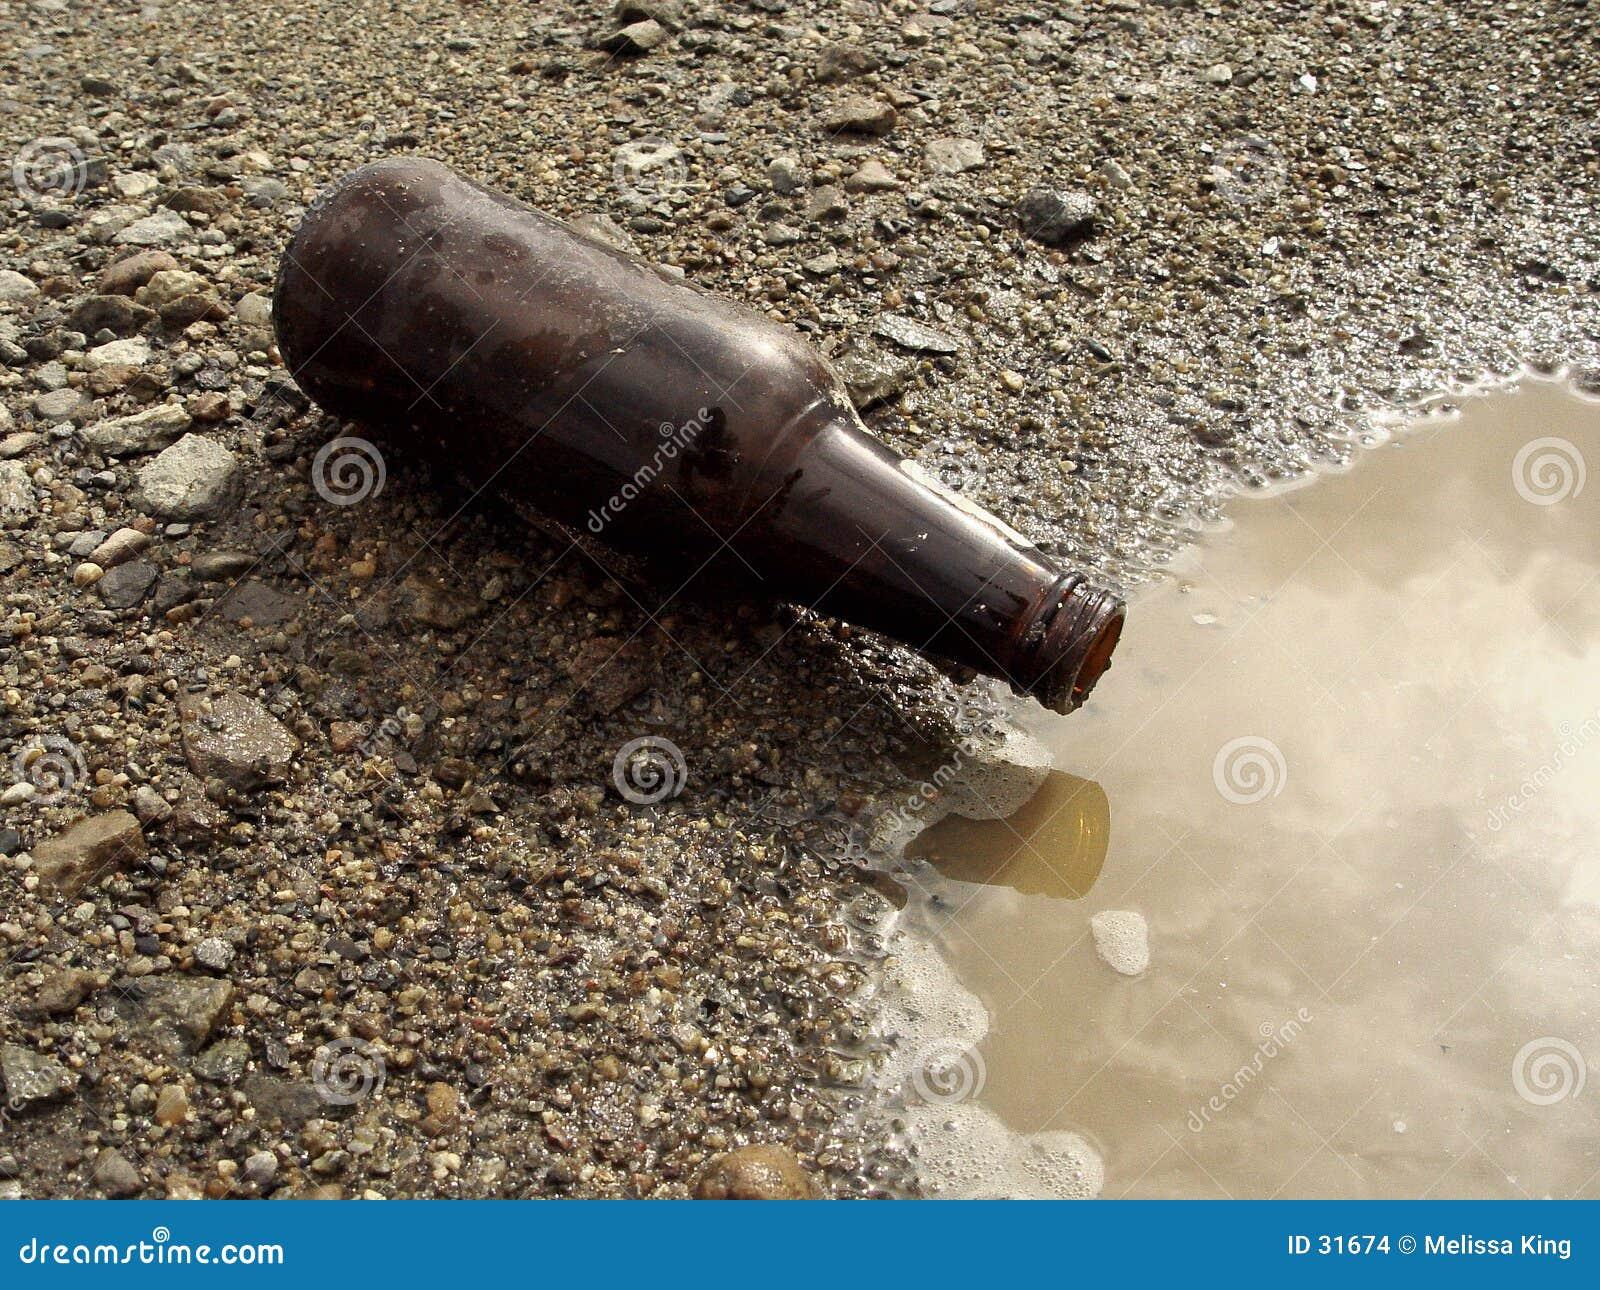 Download Botella De Cerveza En La Tierra Foto de archivo - Imagen de rocas, tierra: 31674